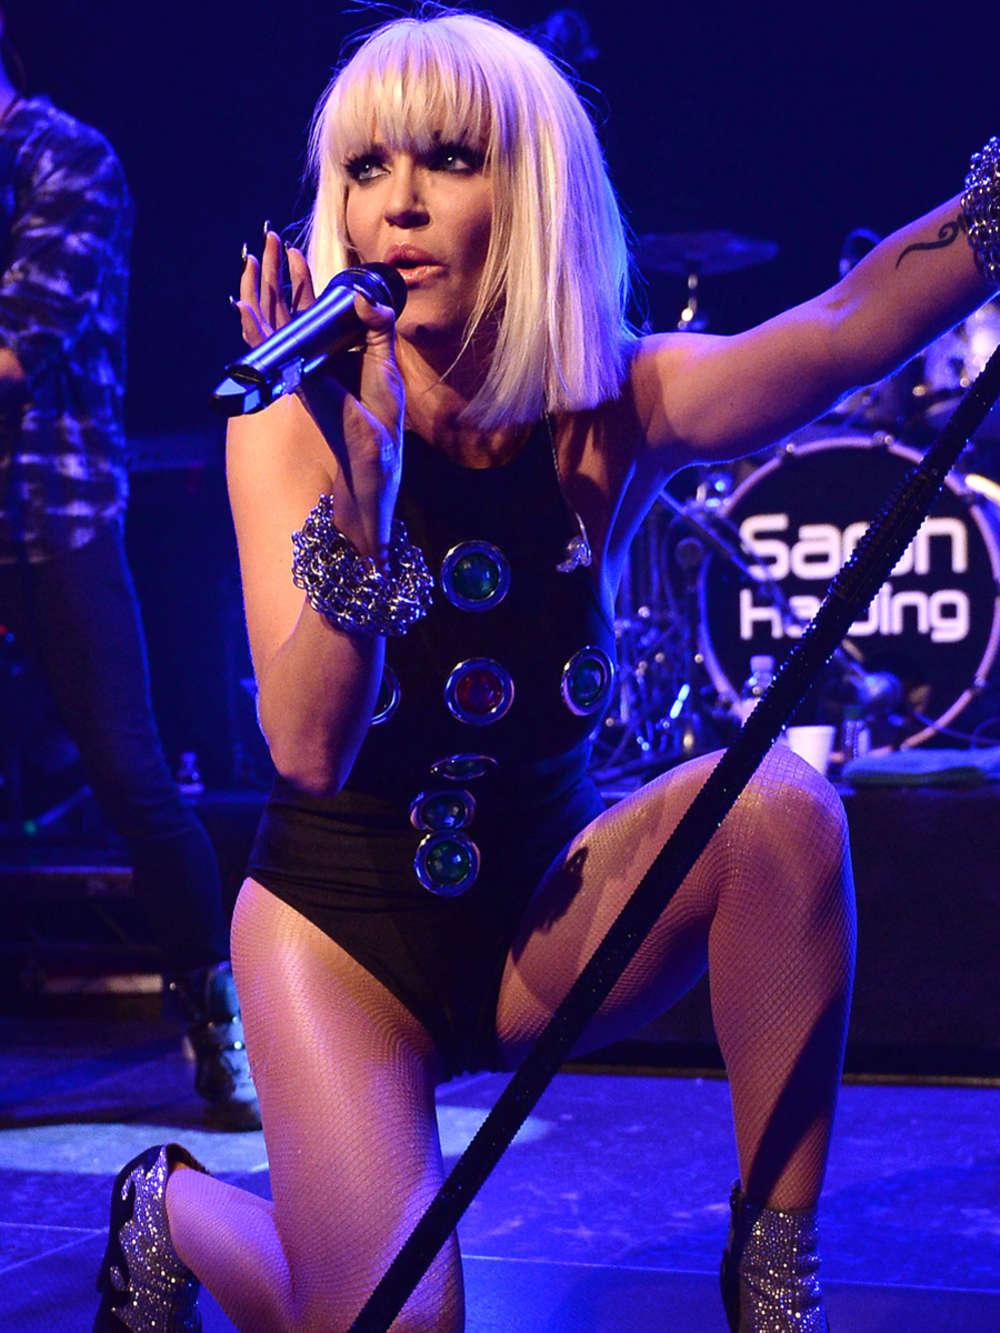 Miley cyrus show live hot - 1 part 8